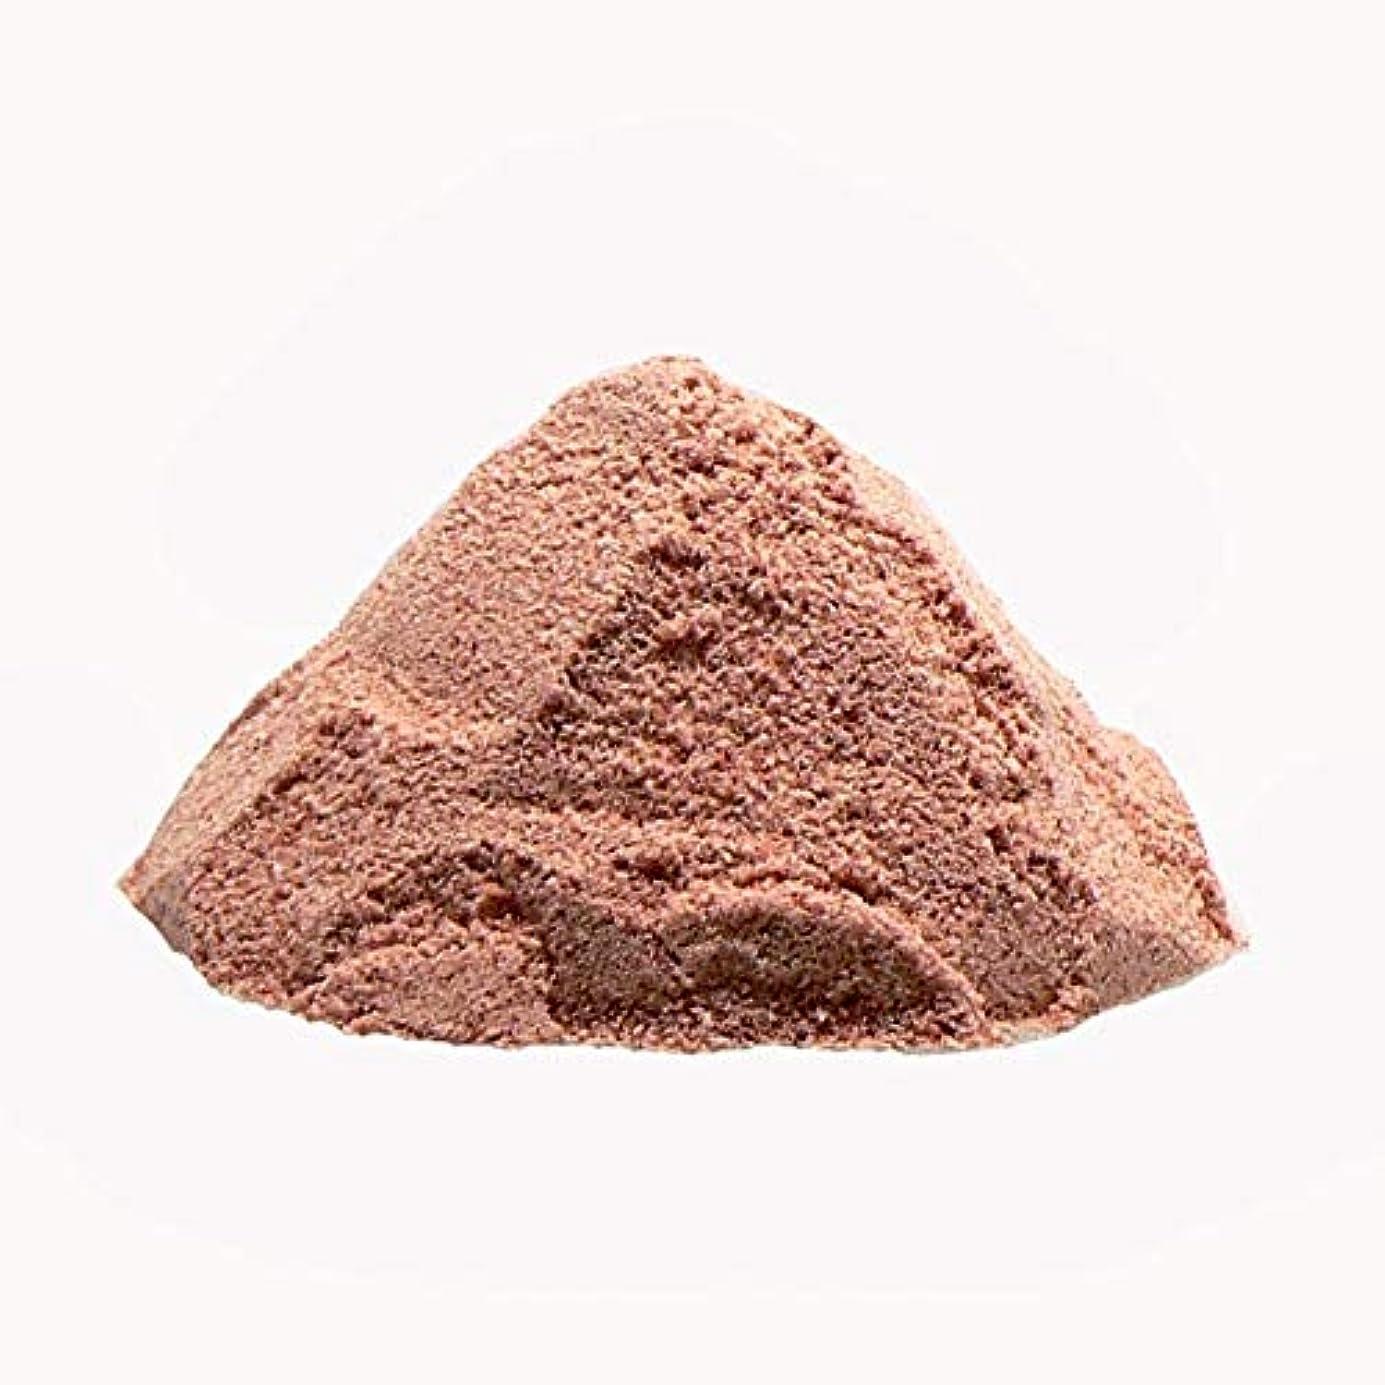 苦くしゃくしゃピンクヒマラヤ岩塩 プレミアム ルビーソルト バスソルト(パウダー)ネパール産 ルビー岩塩 (600g×2個セット)